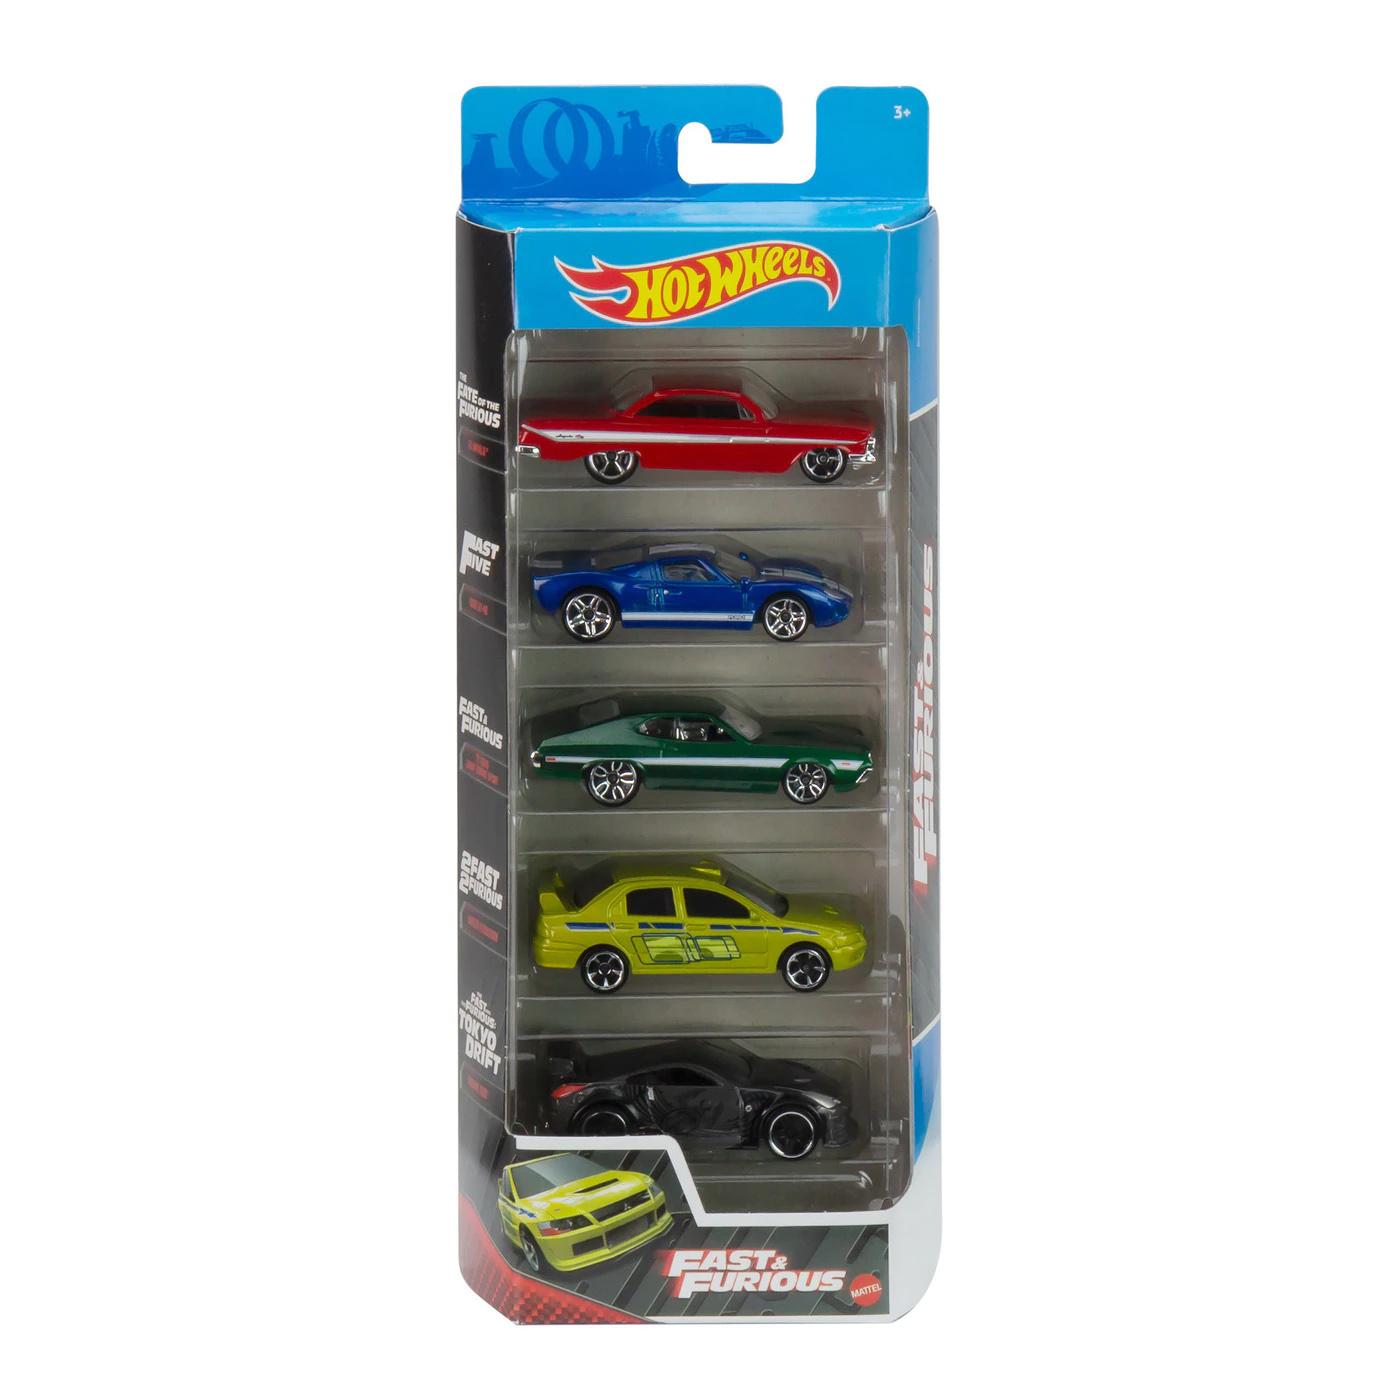 Set masinute - Hot Wheels Past & Furious, 5 bucati | Mattel